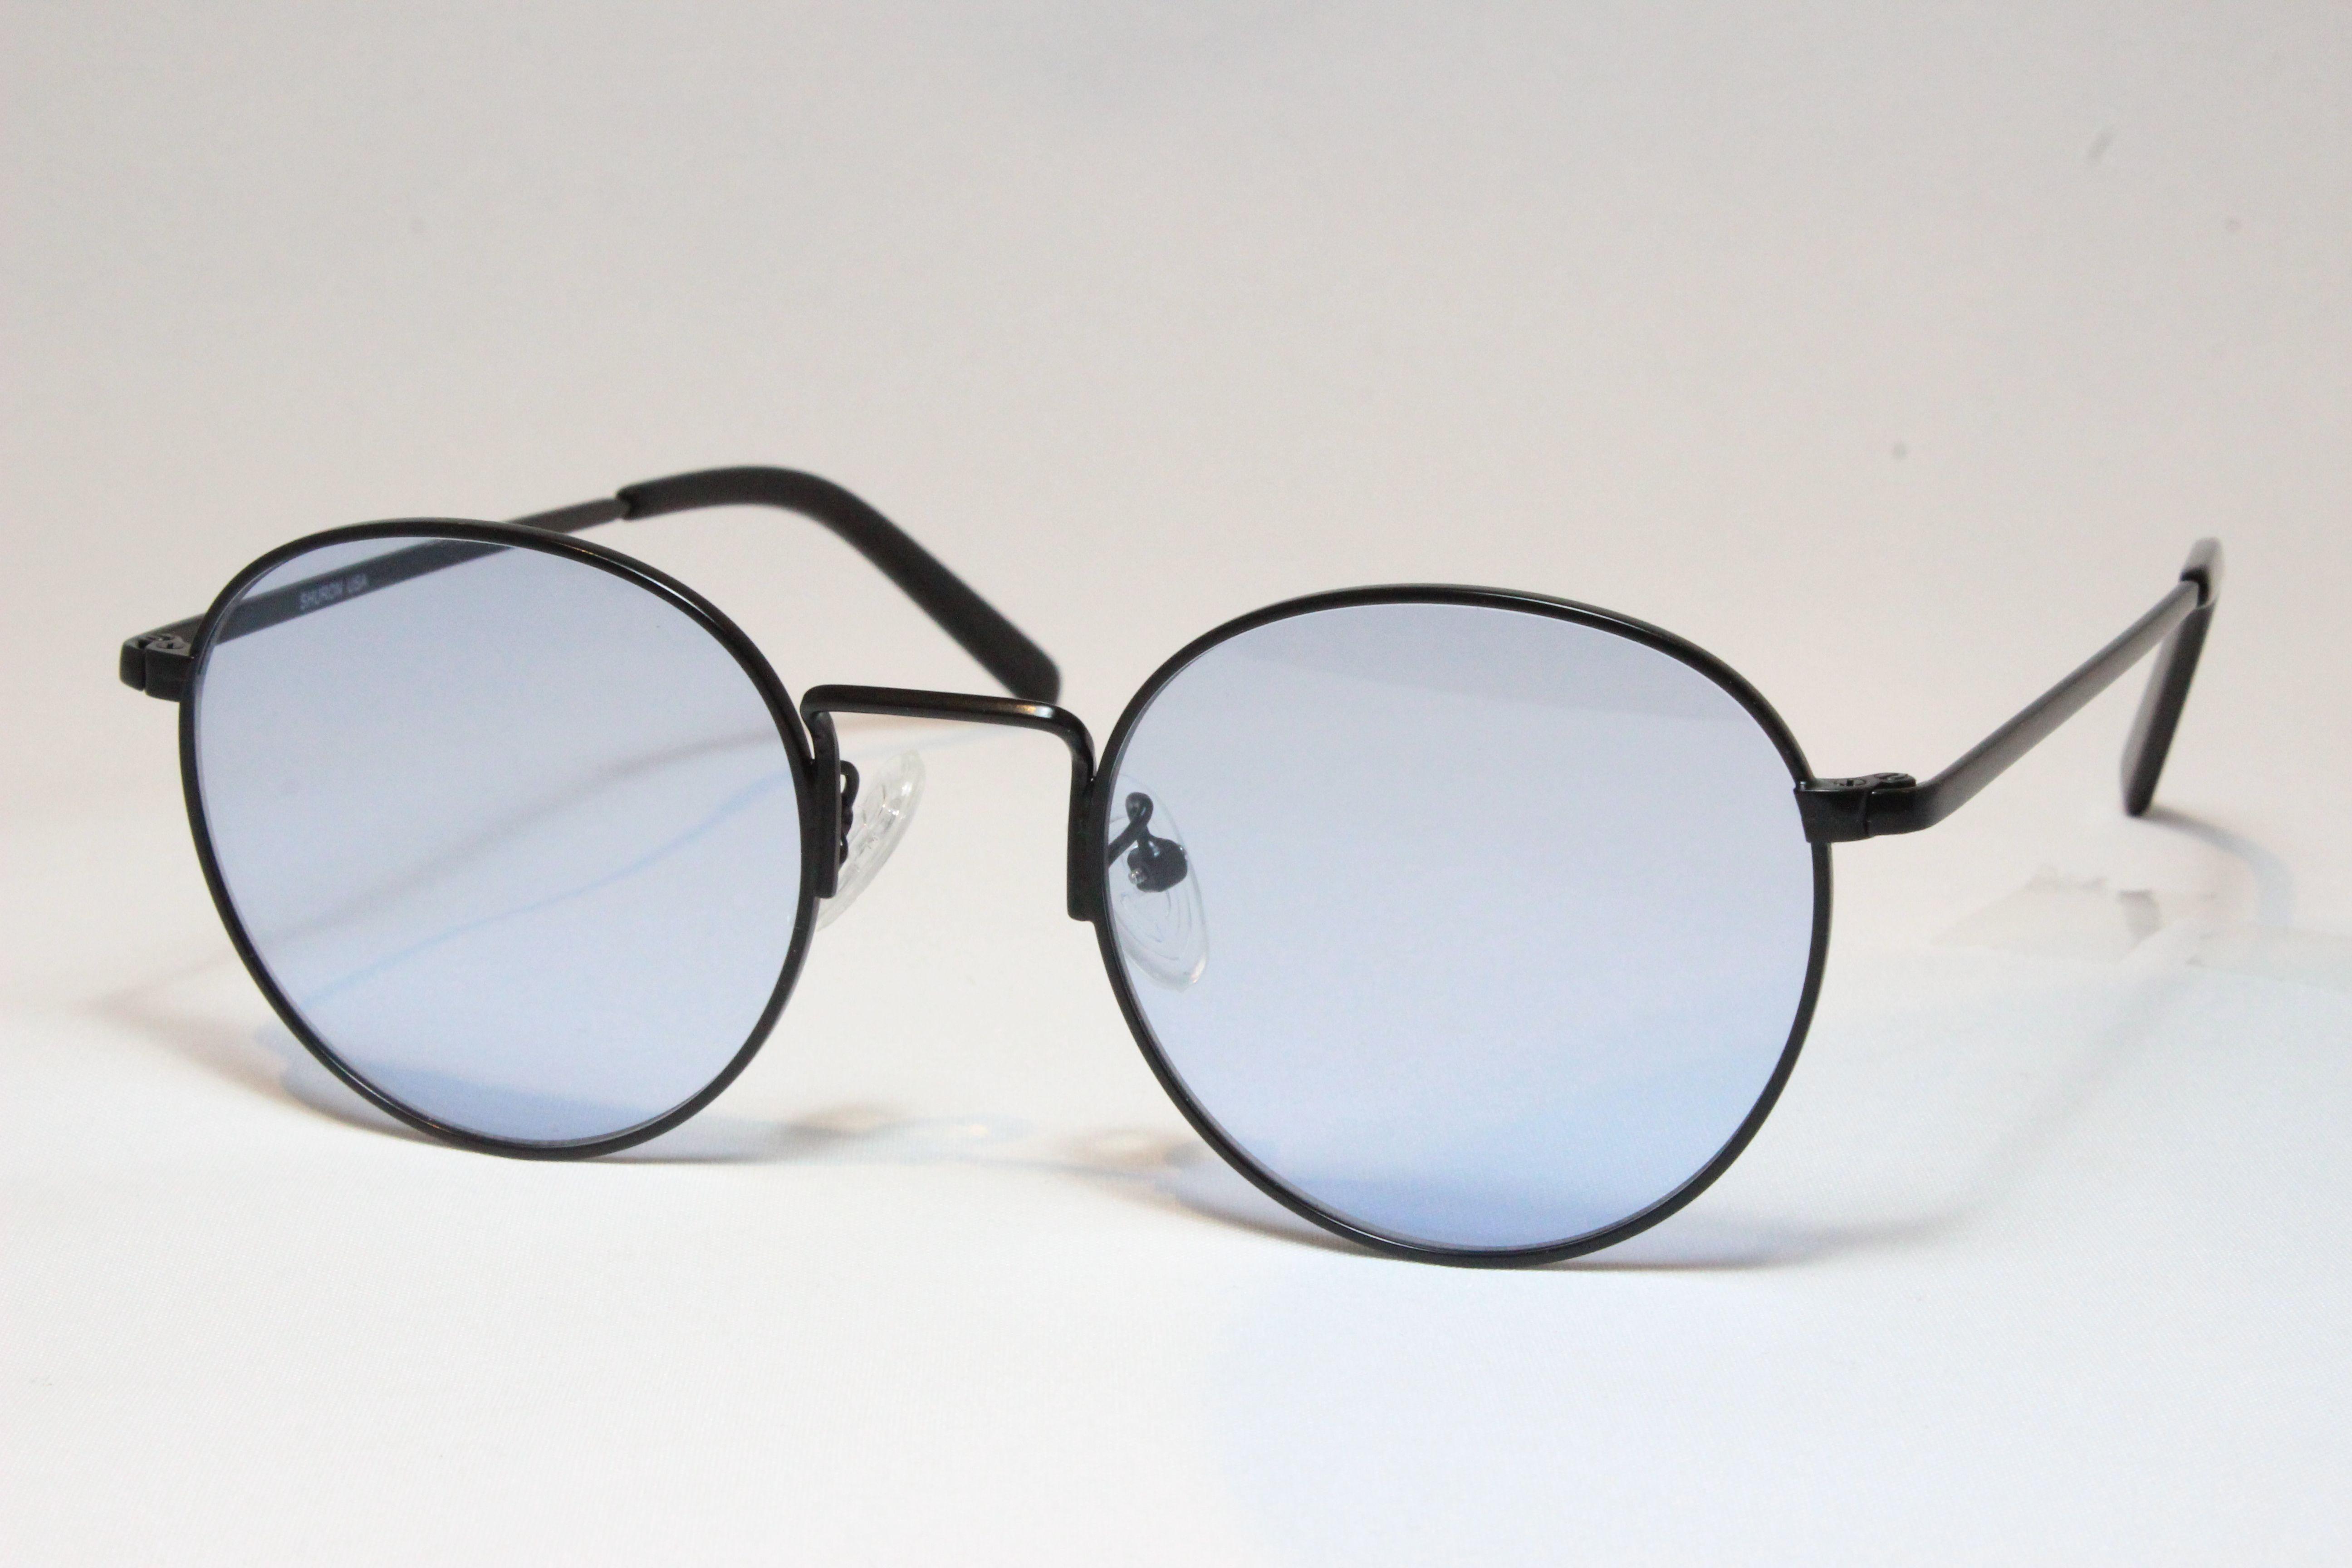 シュロン ロンストロング サングラス ブラック サイズ48 SHURON RONSTRONG Black Size48 (Black/Blue-Lens)